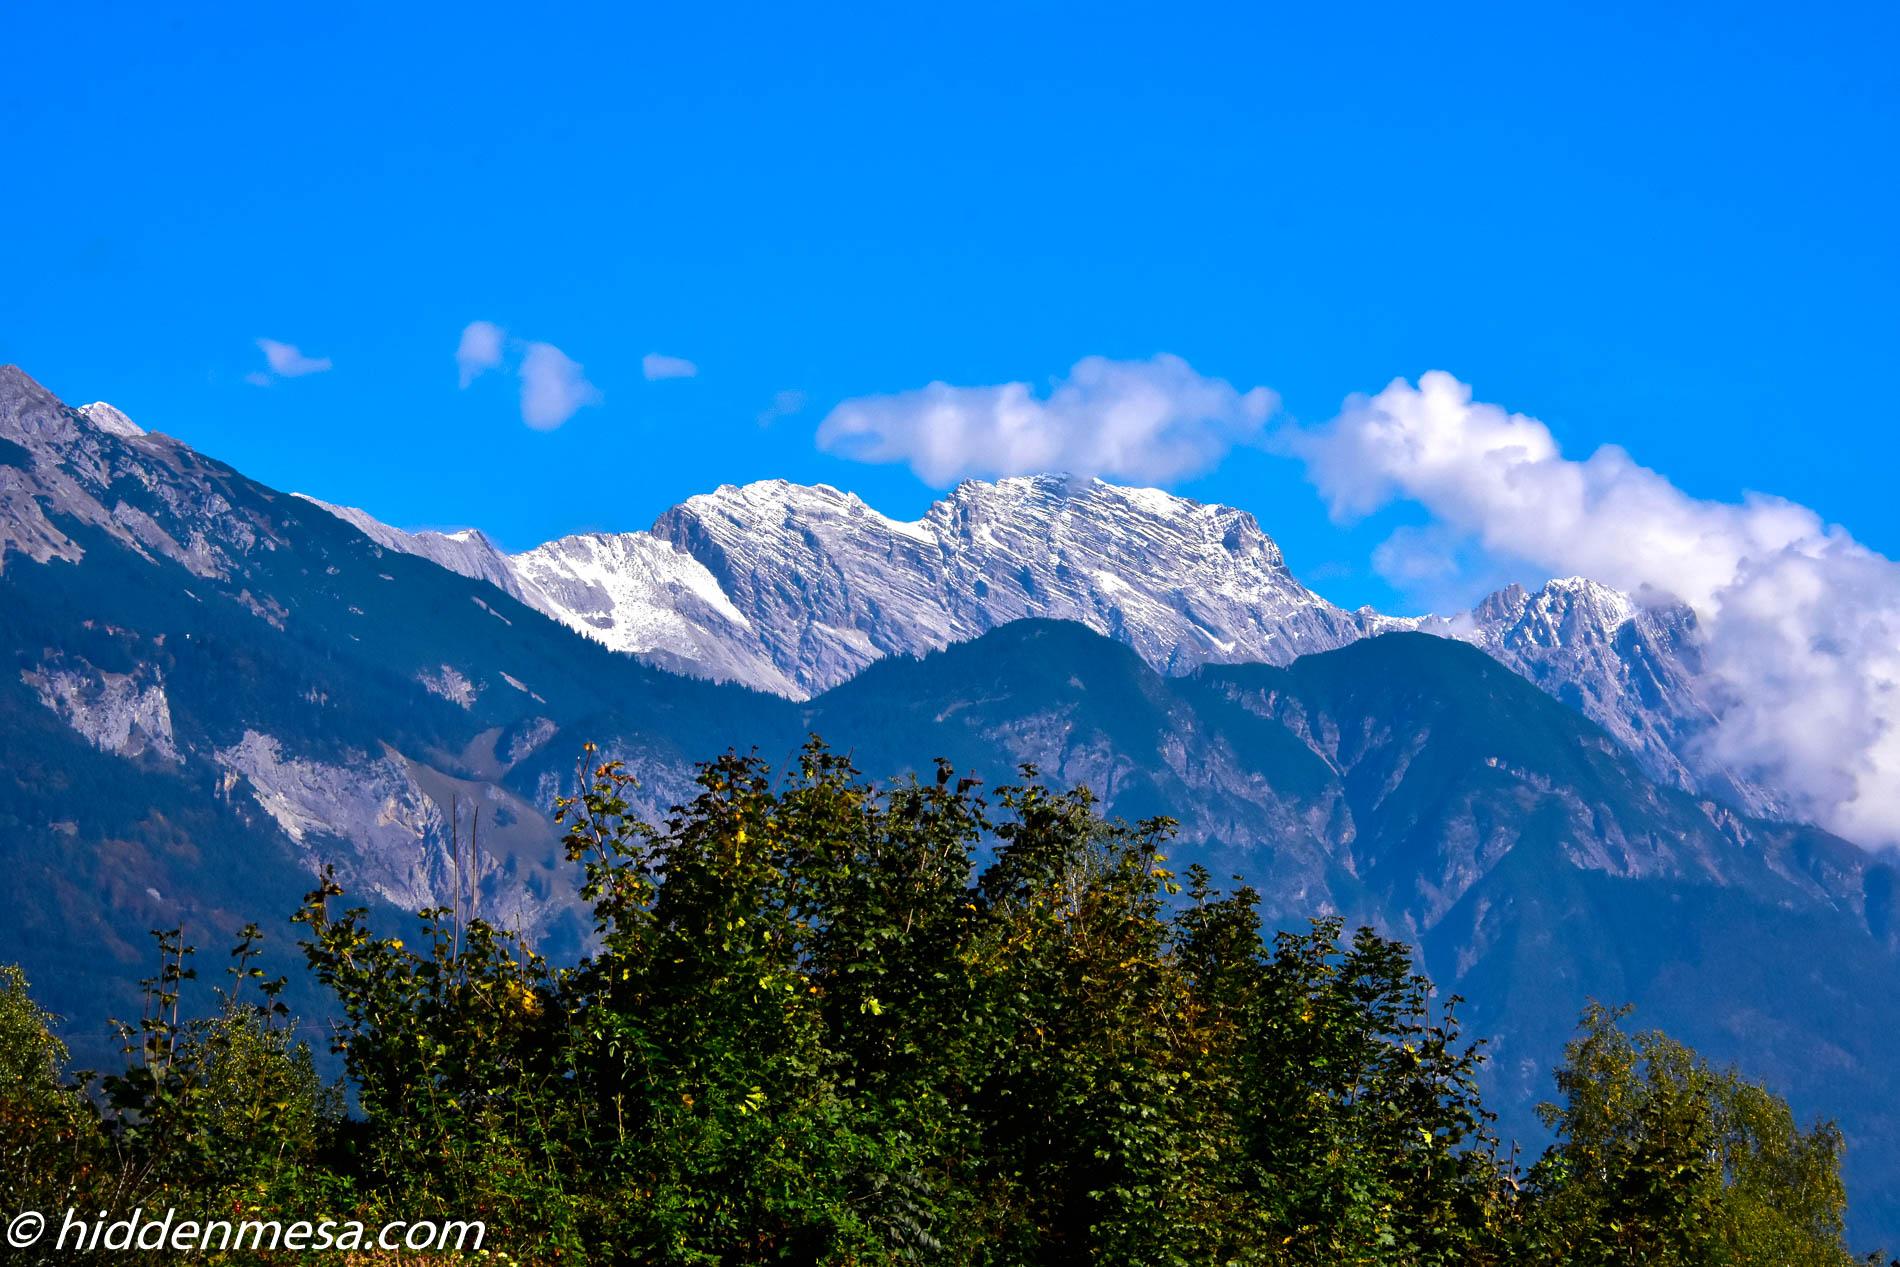 Mountain Range in Austria.